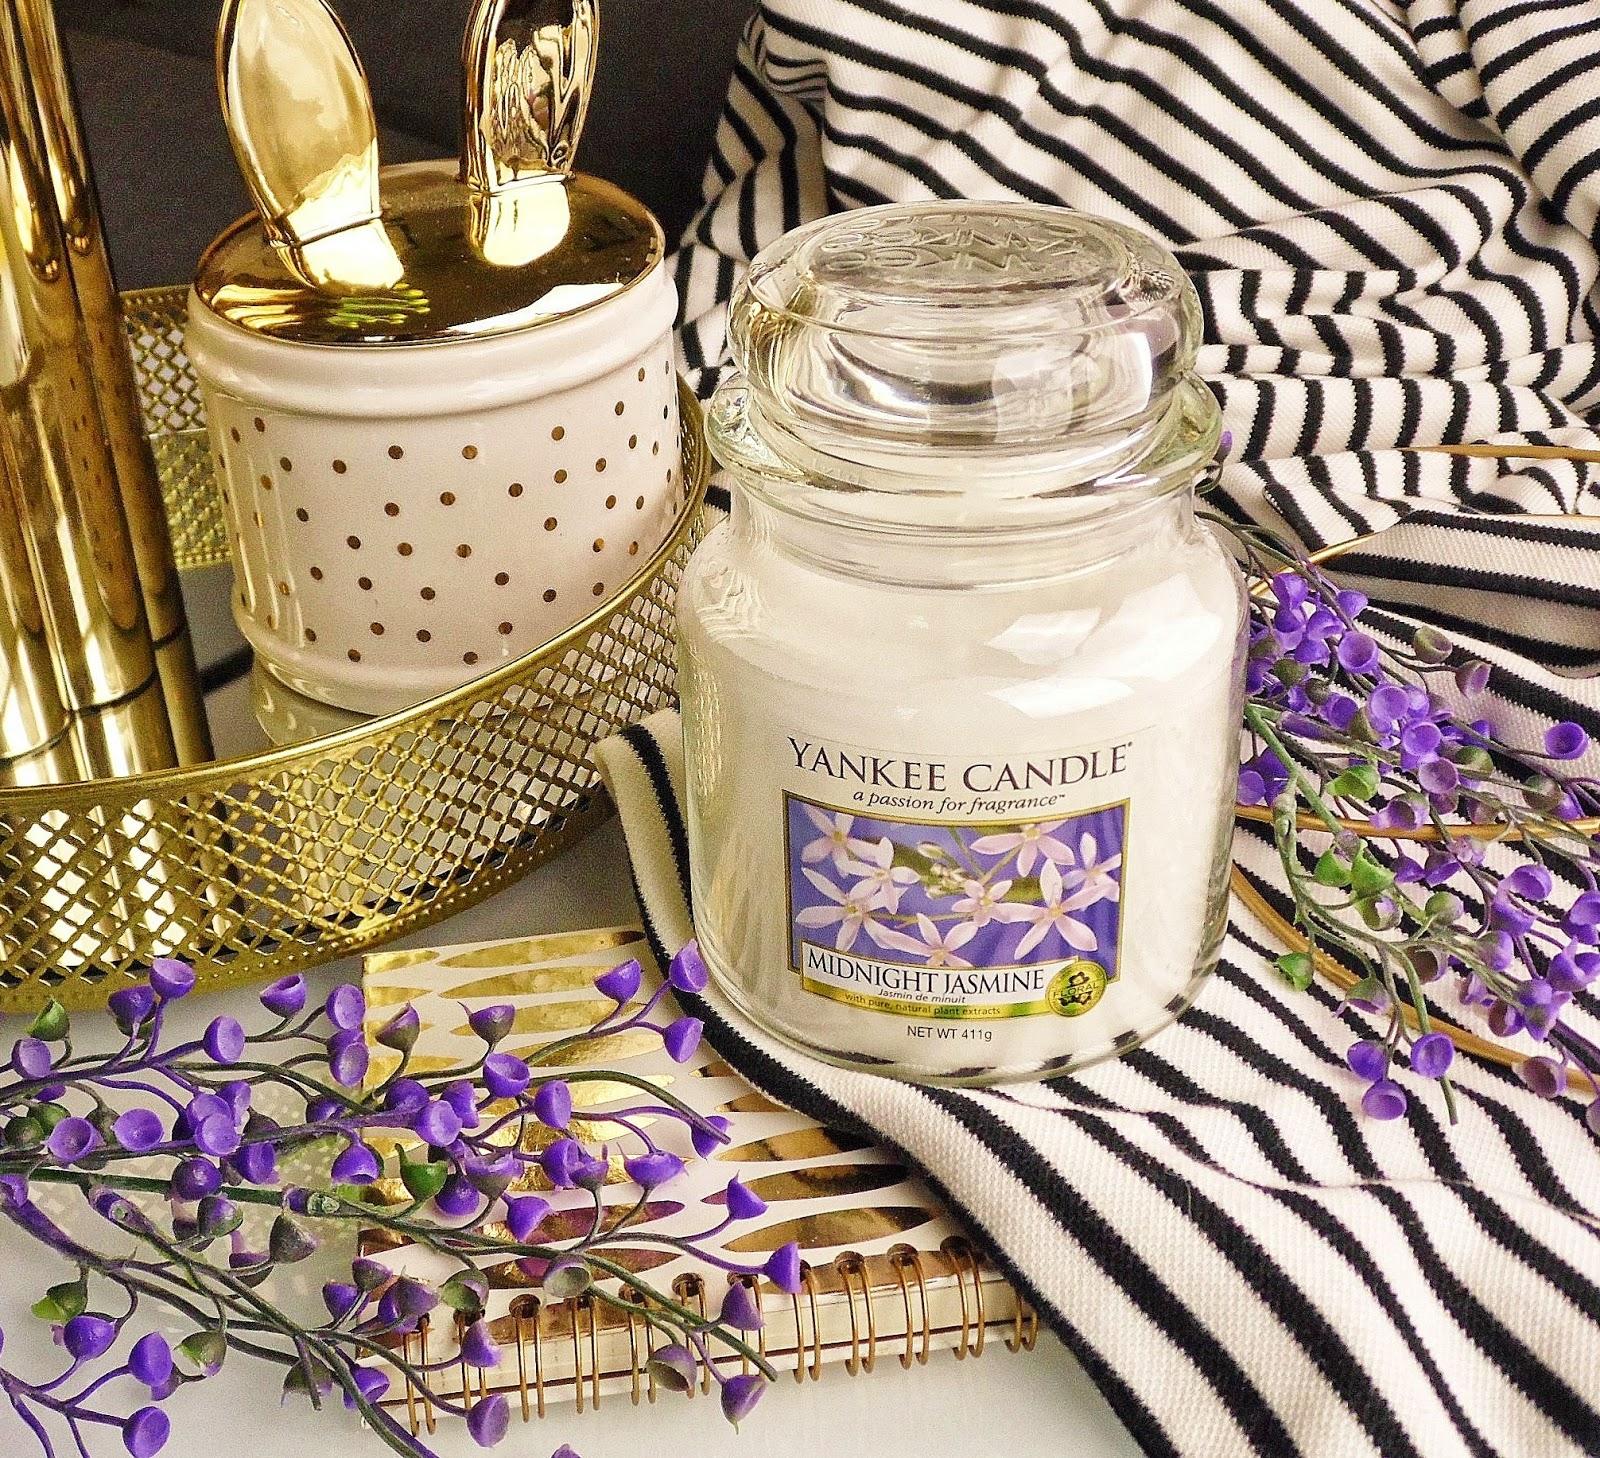 Wirusowi się nie dajemy i świece kupujemy -recenzja Midnight Jasmine od Yankee Candle